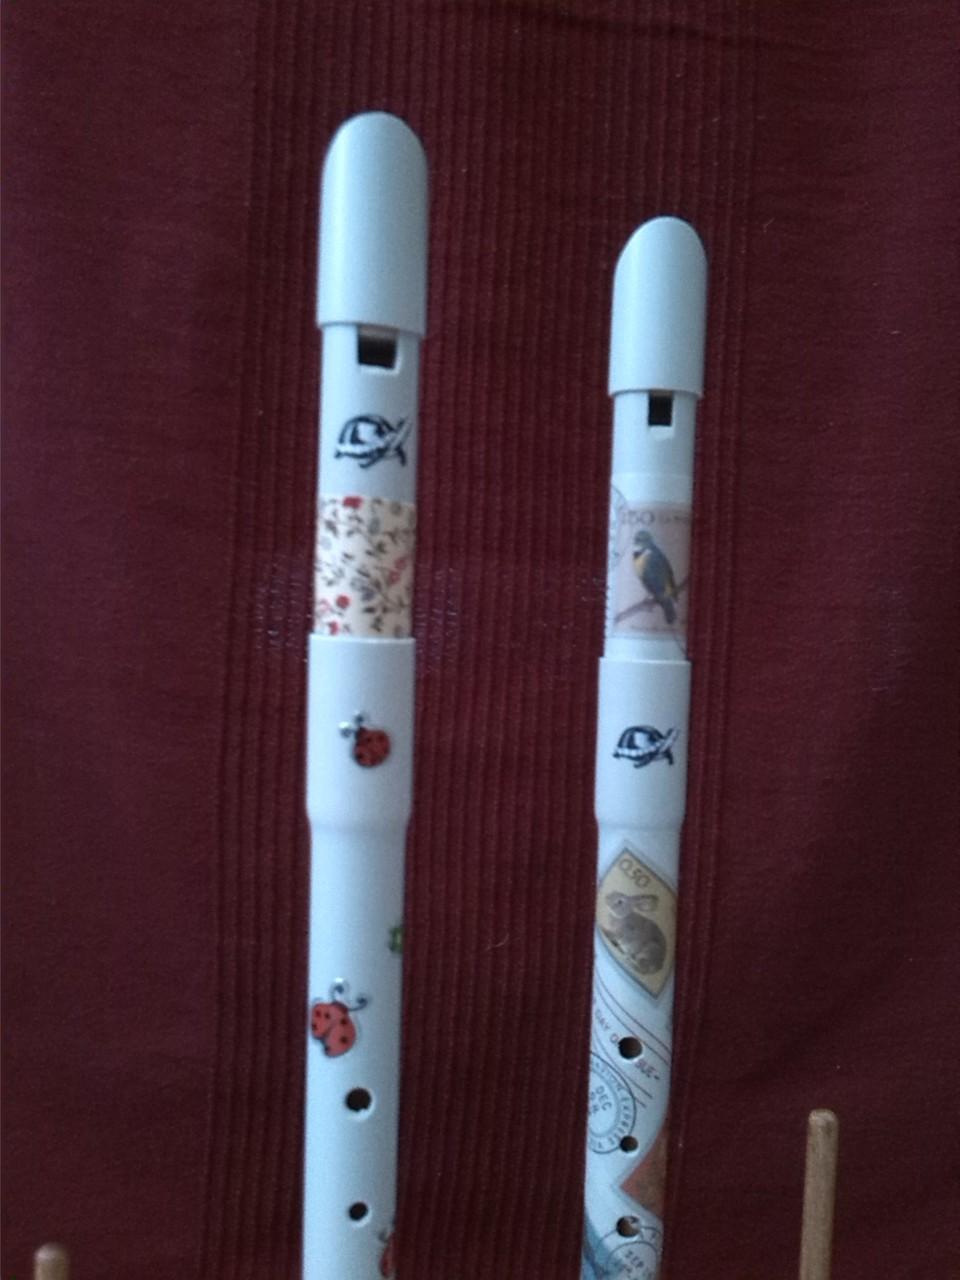 détails des flûtes petites menottes